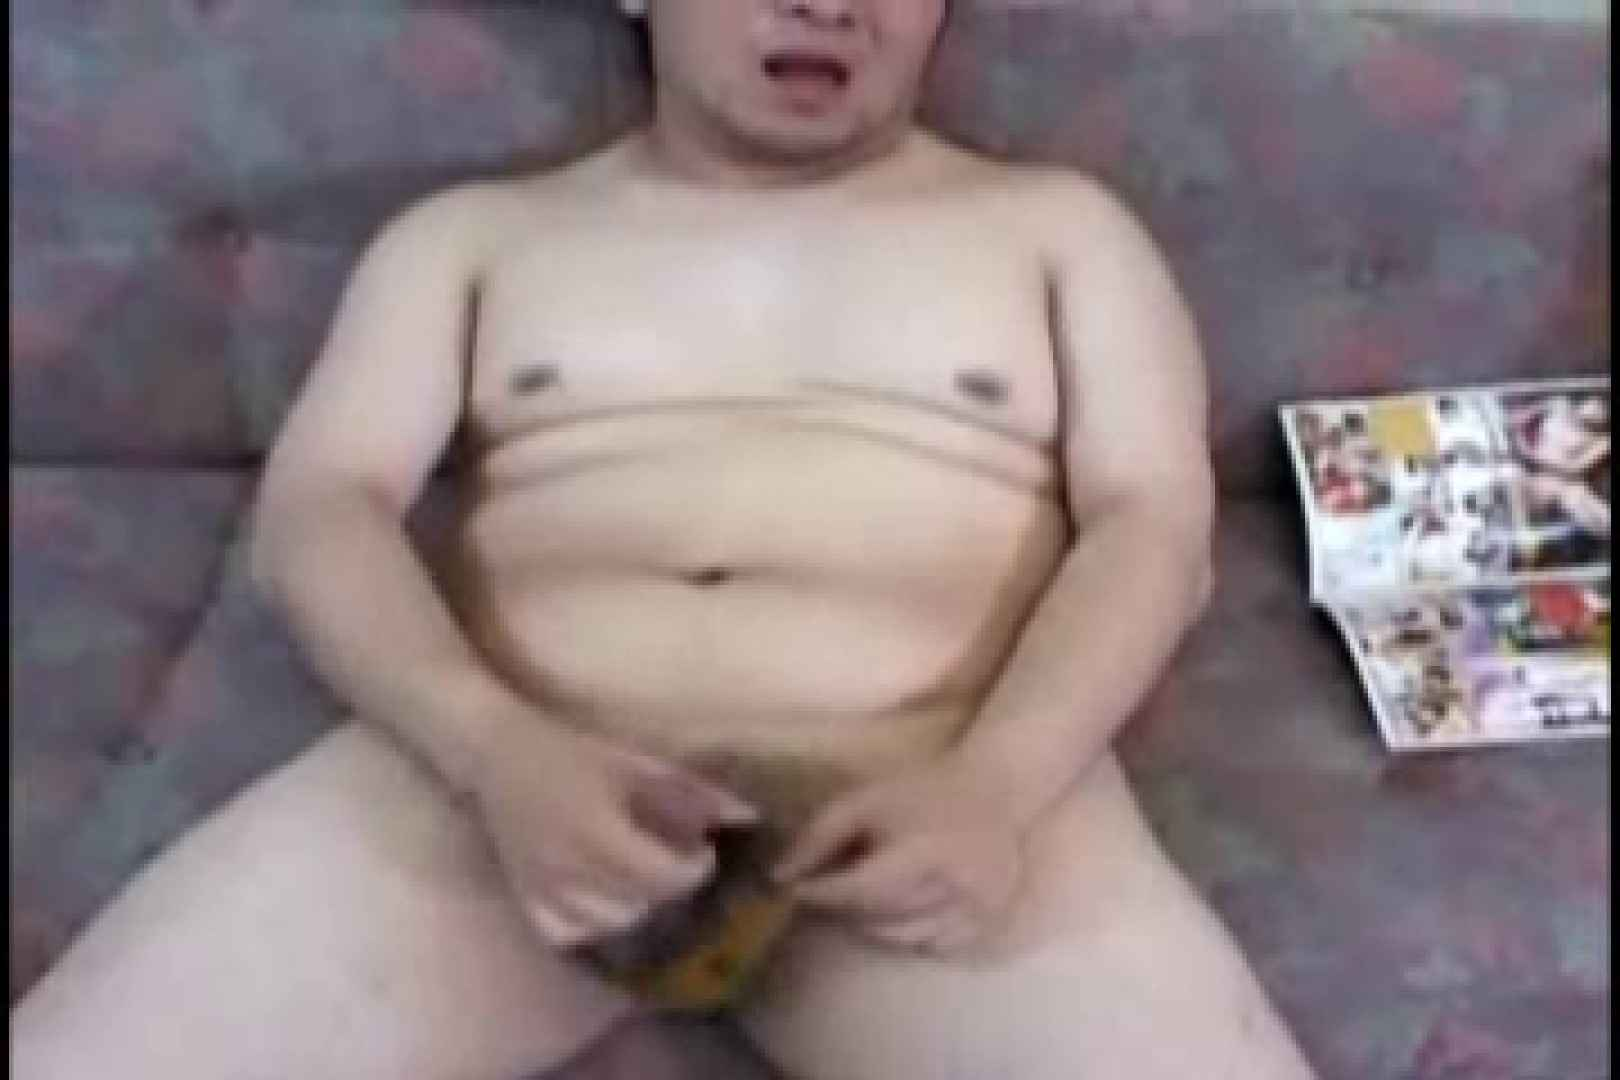 小太りボーイの孫の手オナニー シコシコ ゲイセックス画像 78枚 71